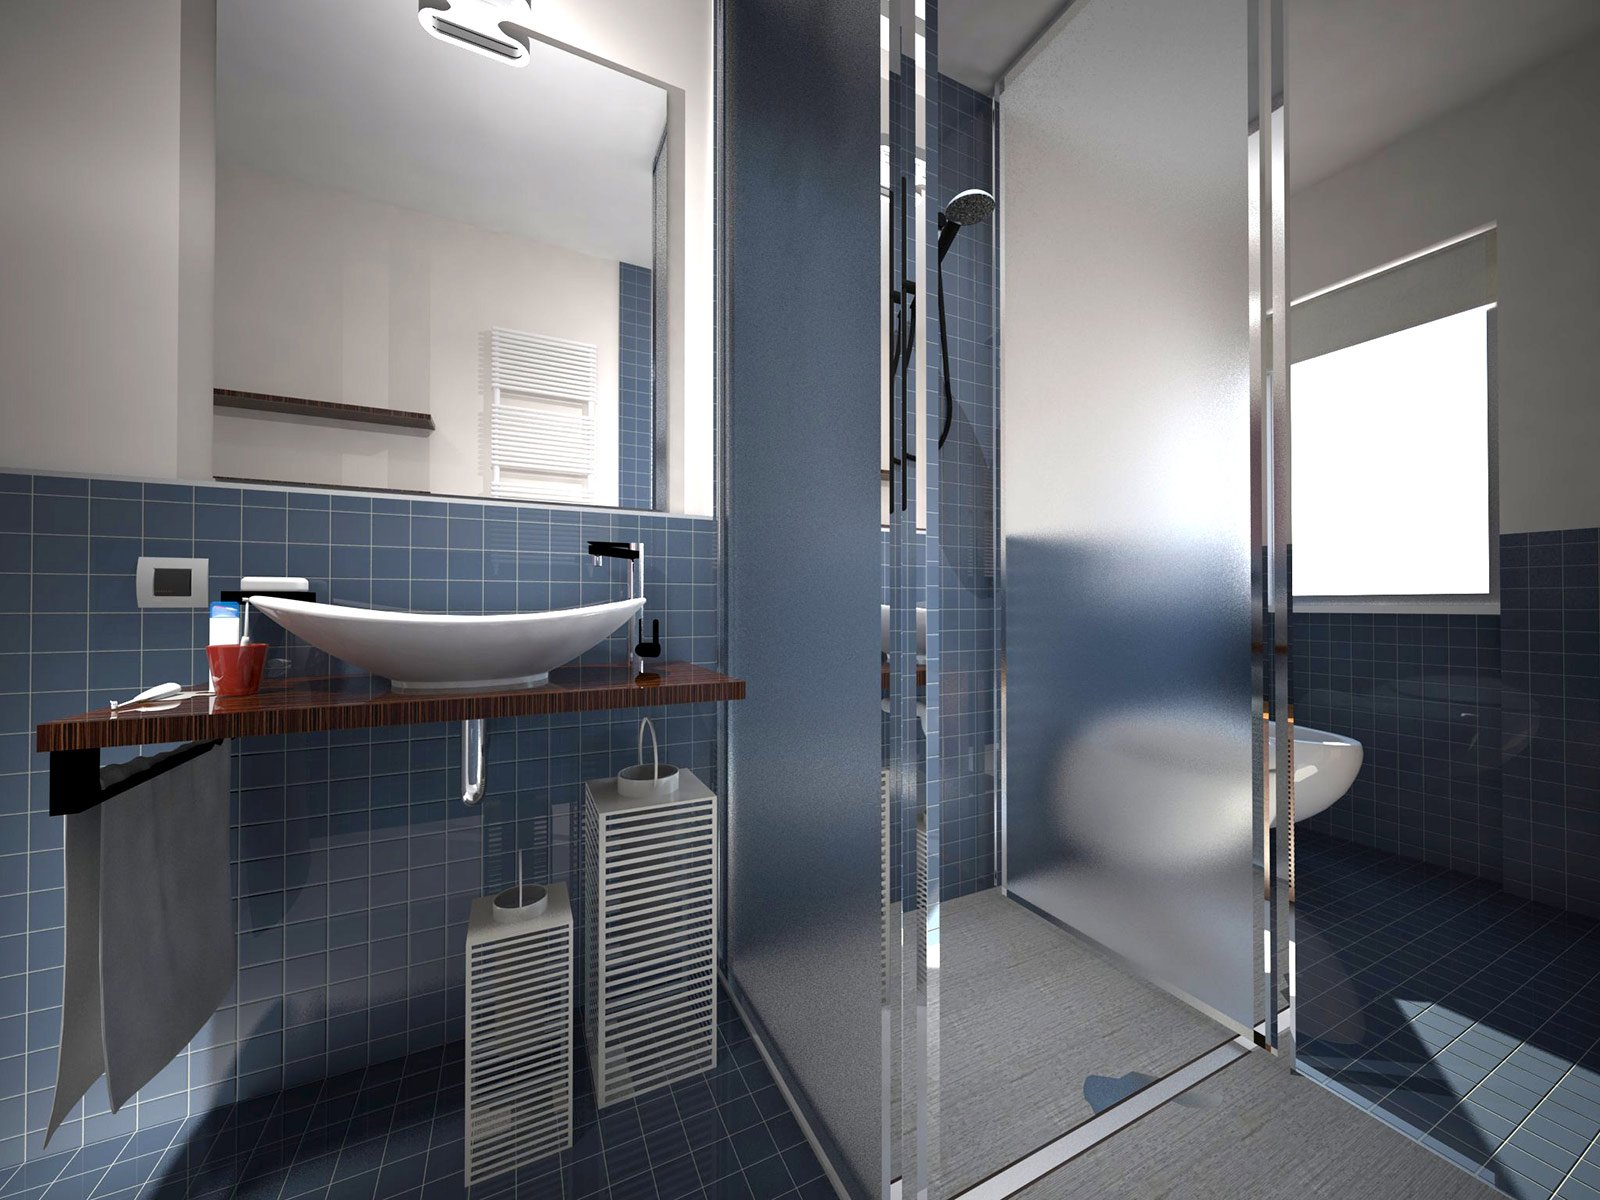 Bagni Piccolissimi Soluzioni : Dove metto la doccia nel bagno lungo e stretto? cose di casa